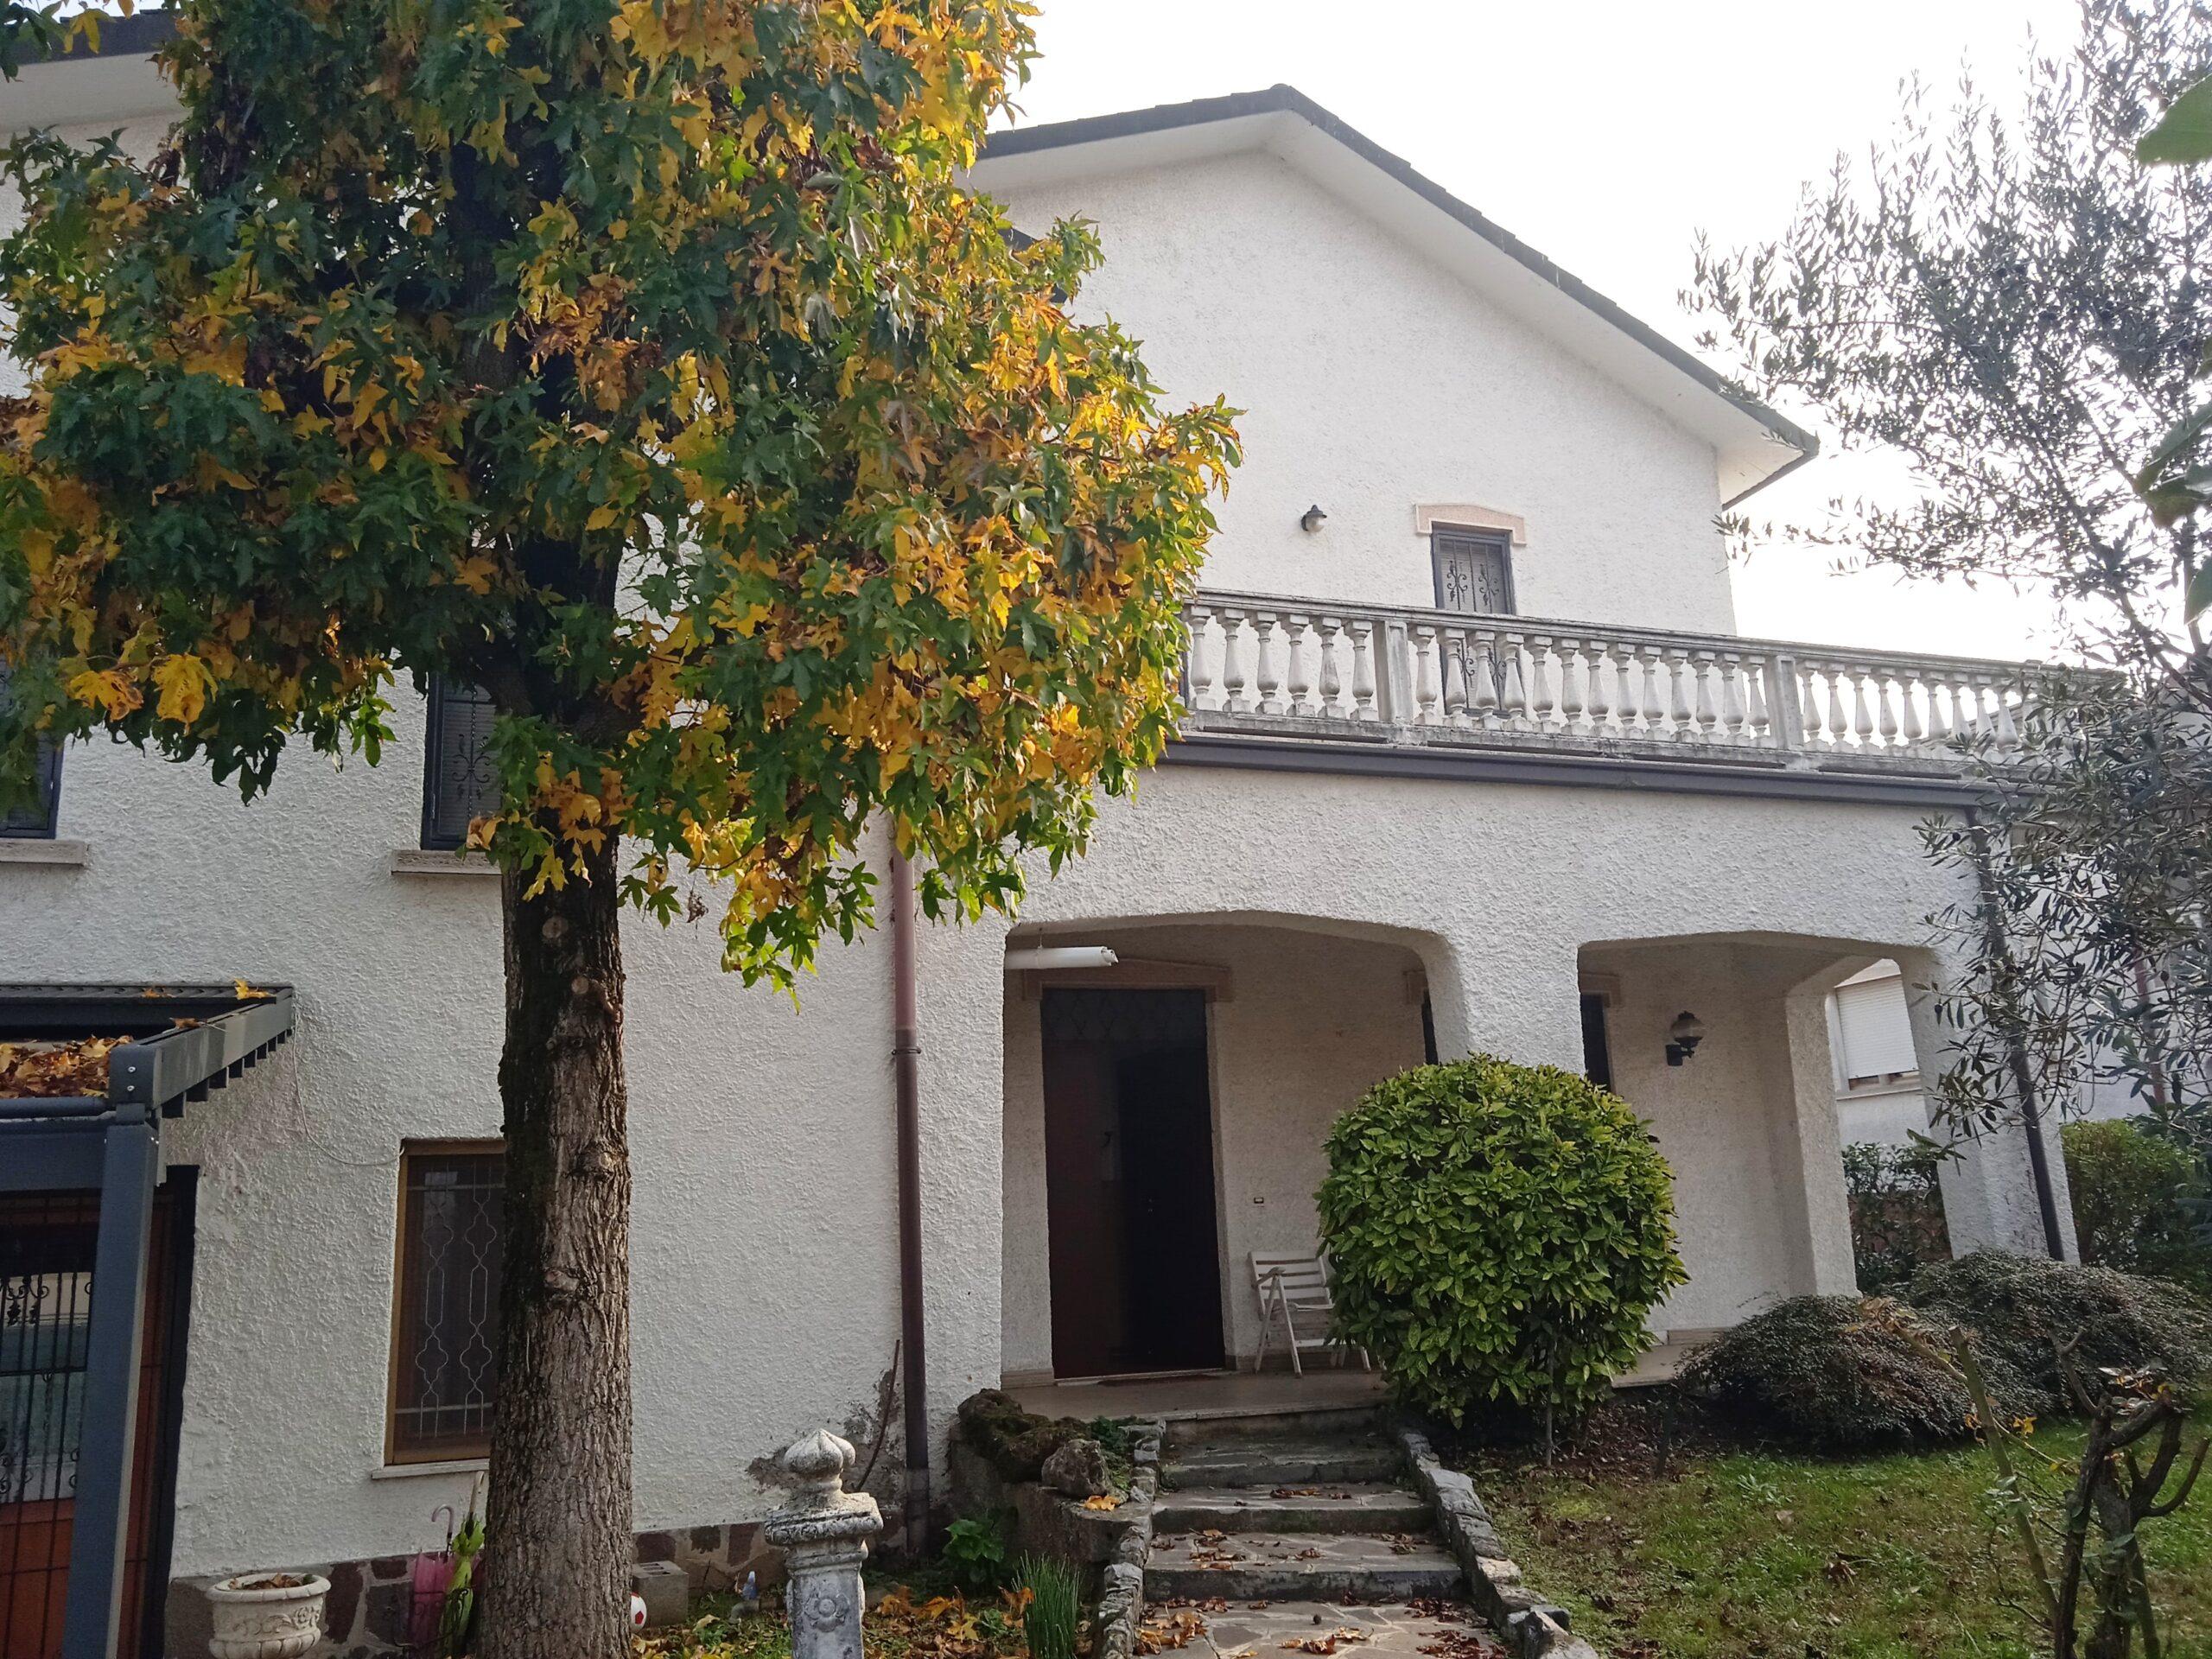 CALEPPIO DI SETTALA, VILLA SINGOLA